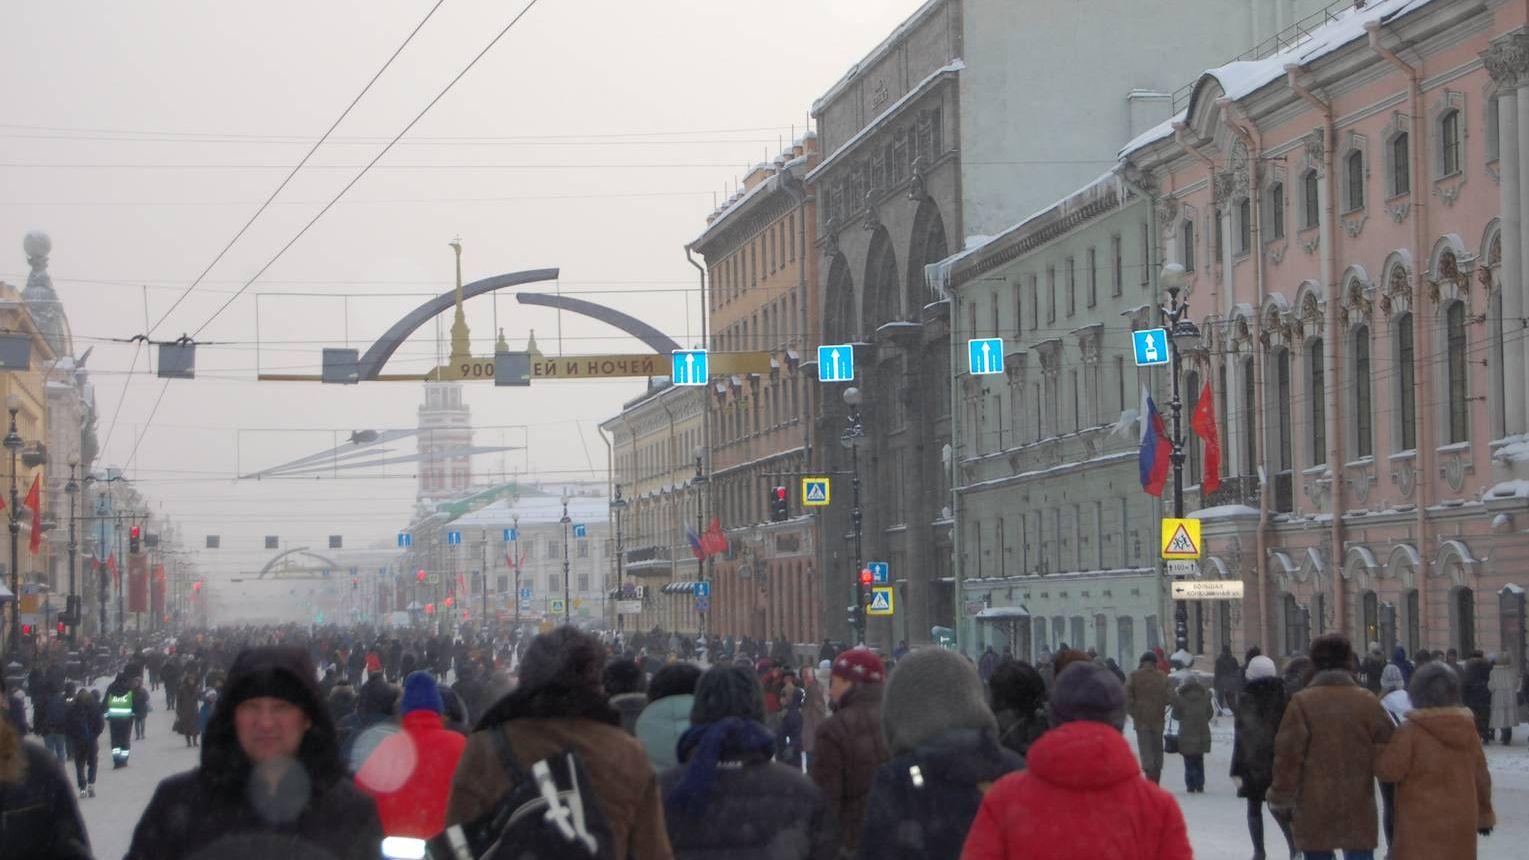 После окончания парада на Дворцовой площади в честь 75-й годовщины полного освобождения Ленинграда от фашистской блокады